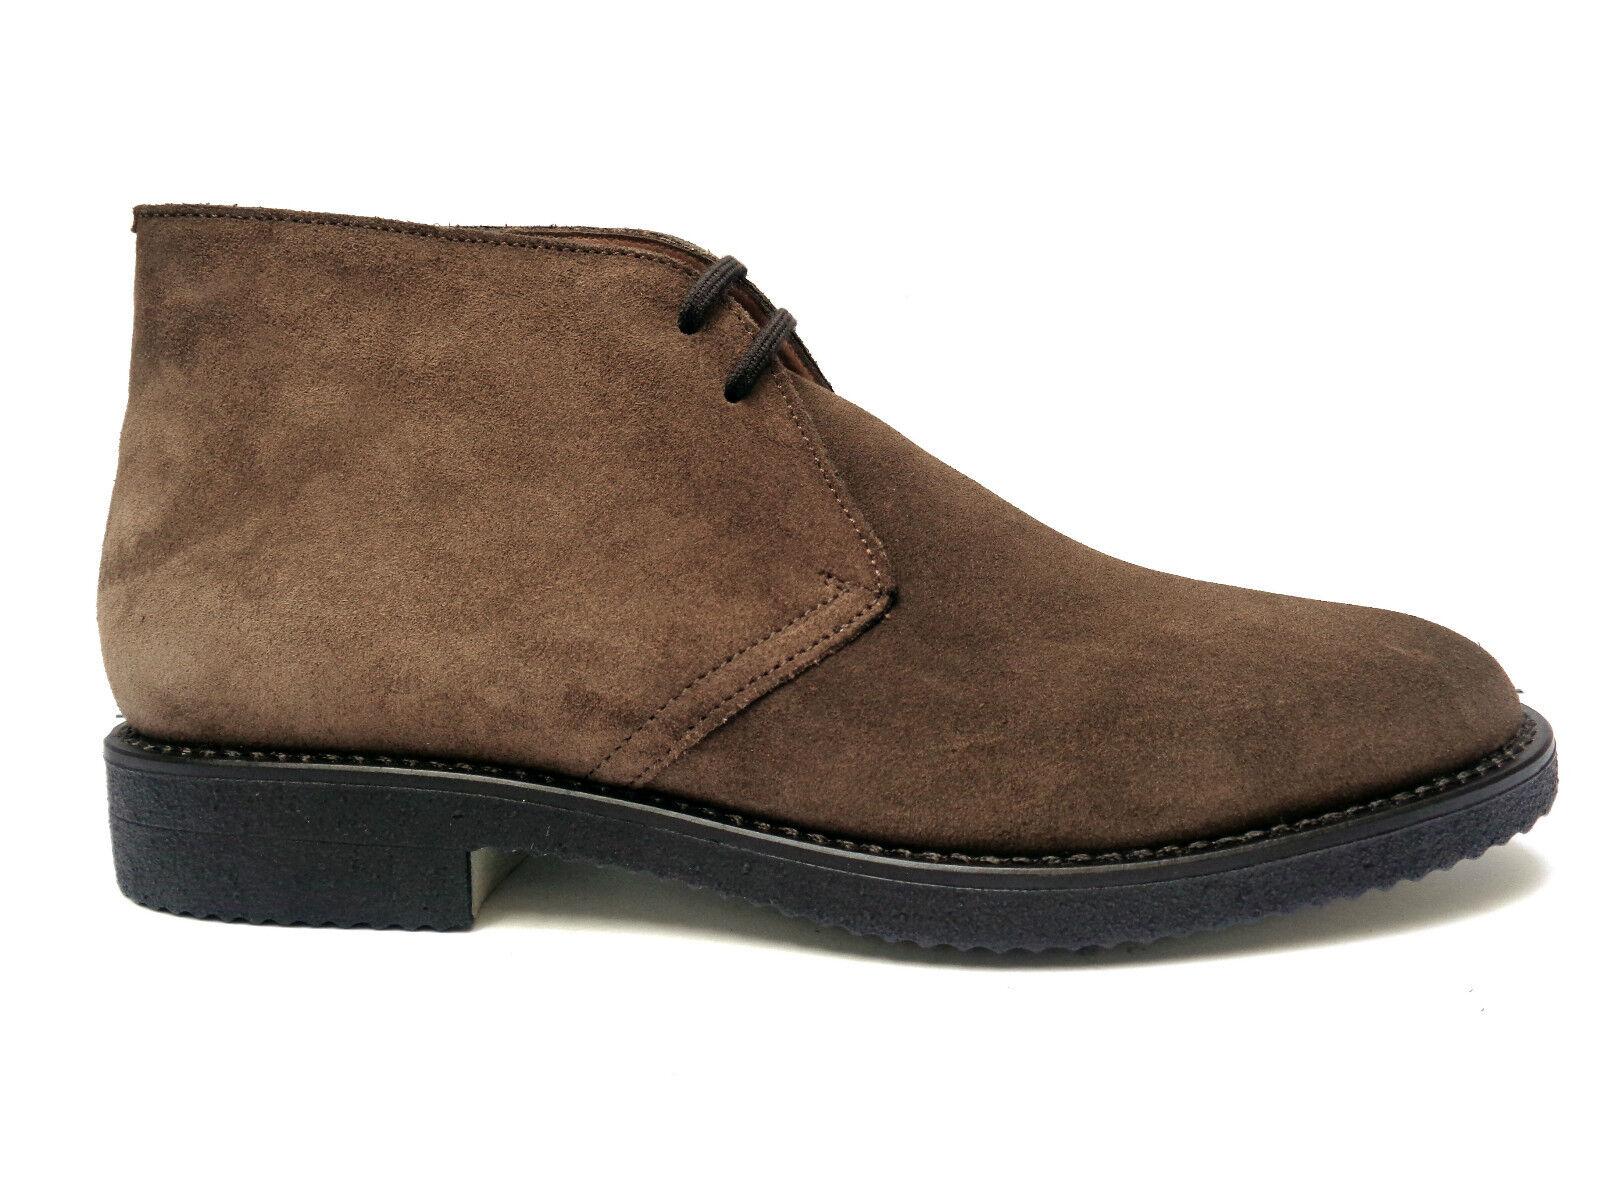 Scarpe casual da uomo  Antica Cuoieria scarpe casual da uomo in camoscio col. Gianduia fondo in para